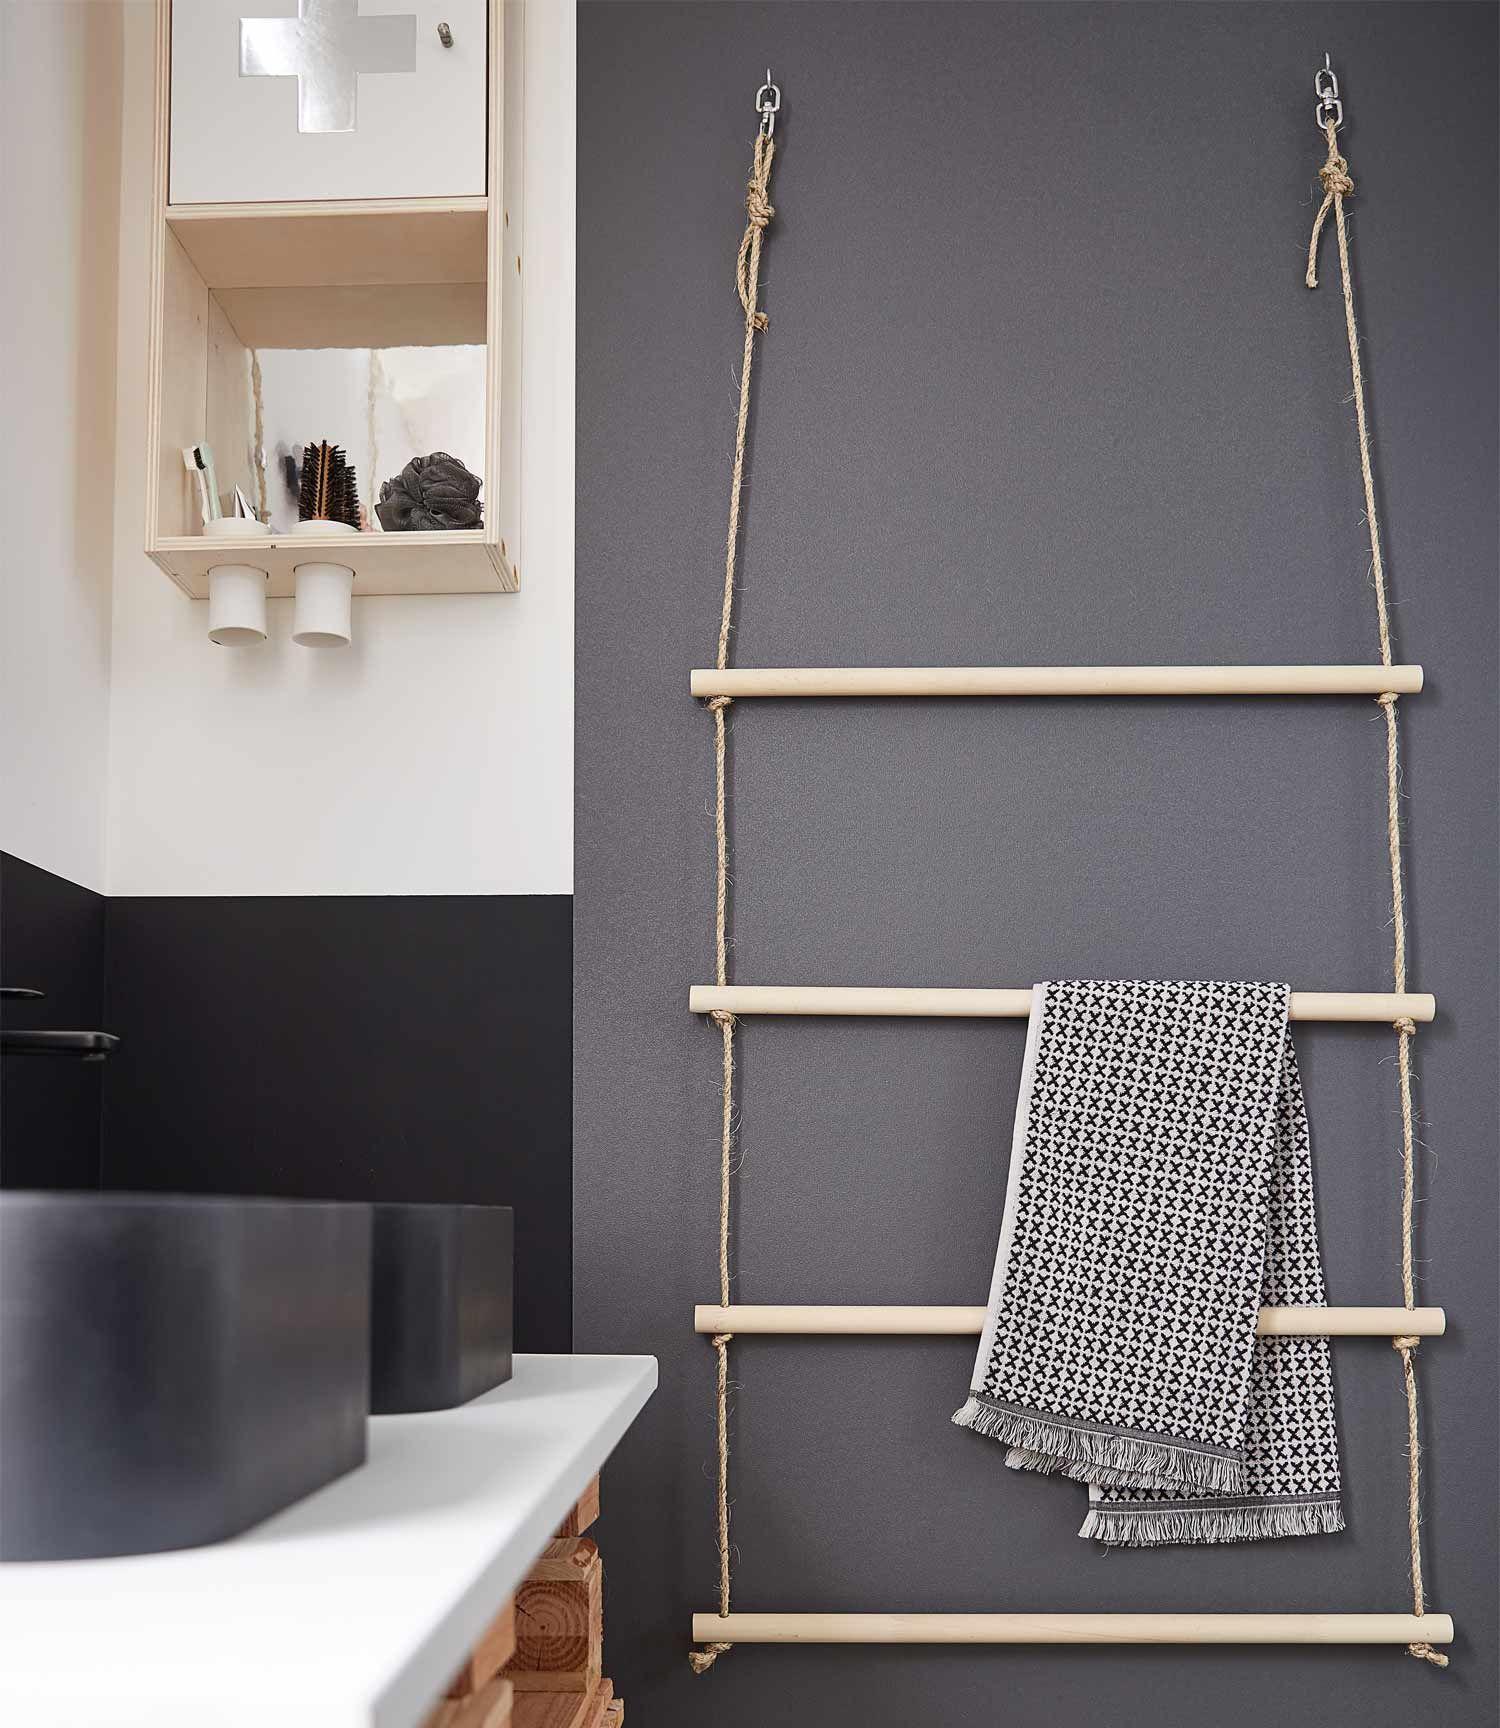 Epingle Par Martine Berton Sur Home Sweet Home Seche Serviette Diy Bambou Etagere Toilette